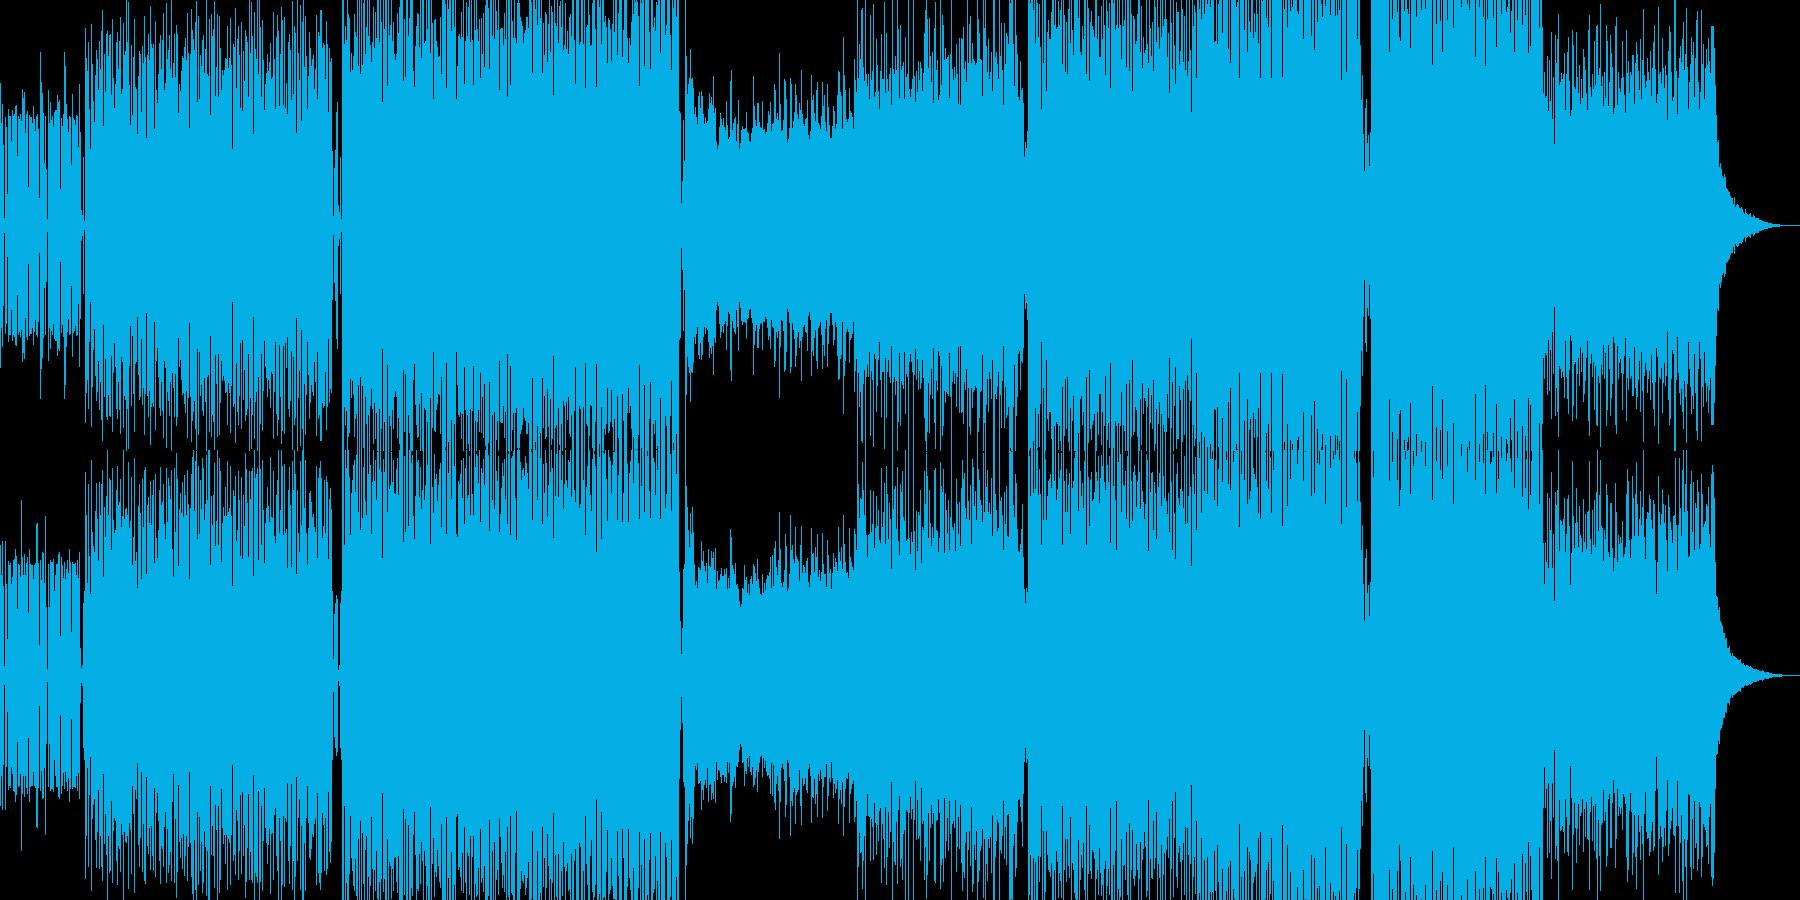 ブレイクビーツBGMの再生済みの波形